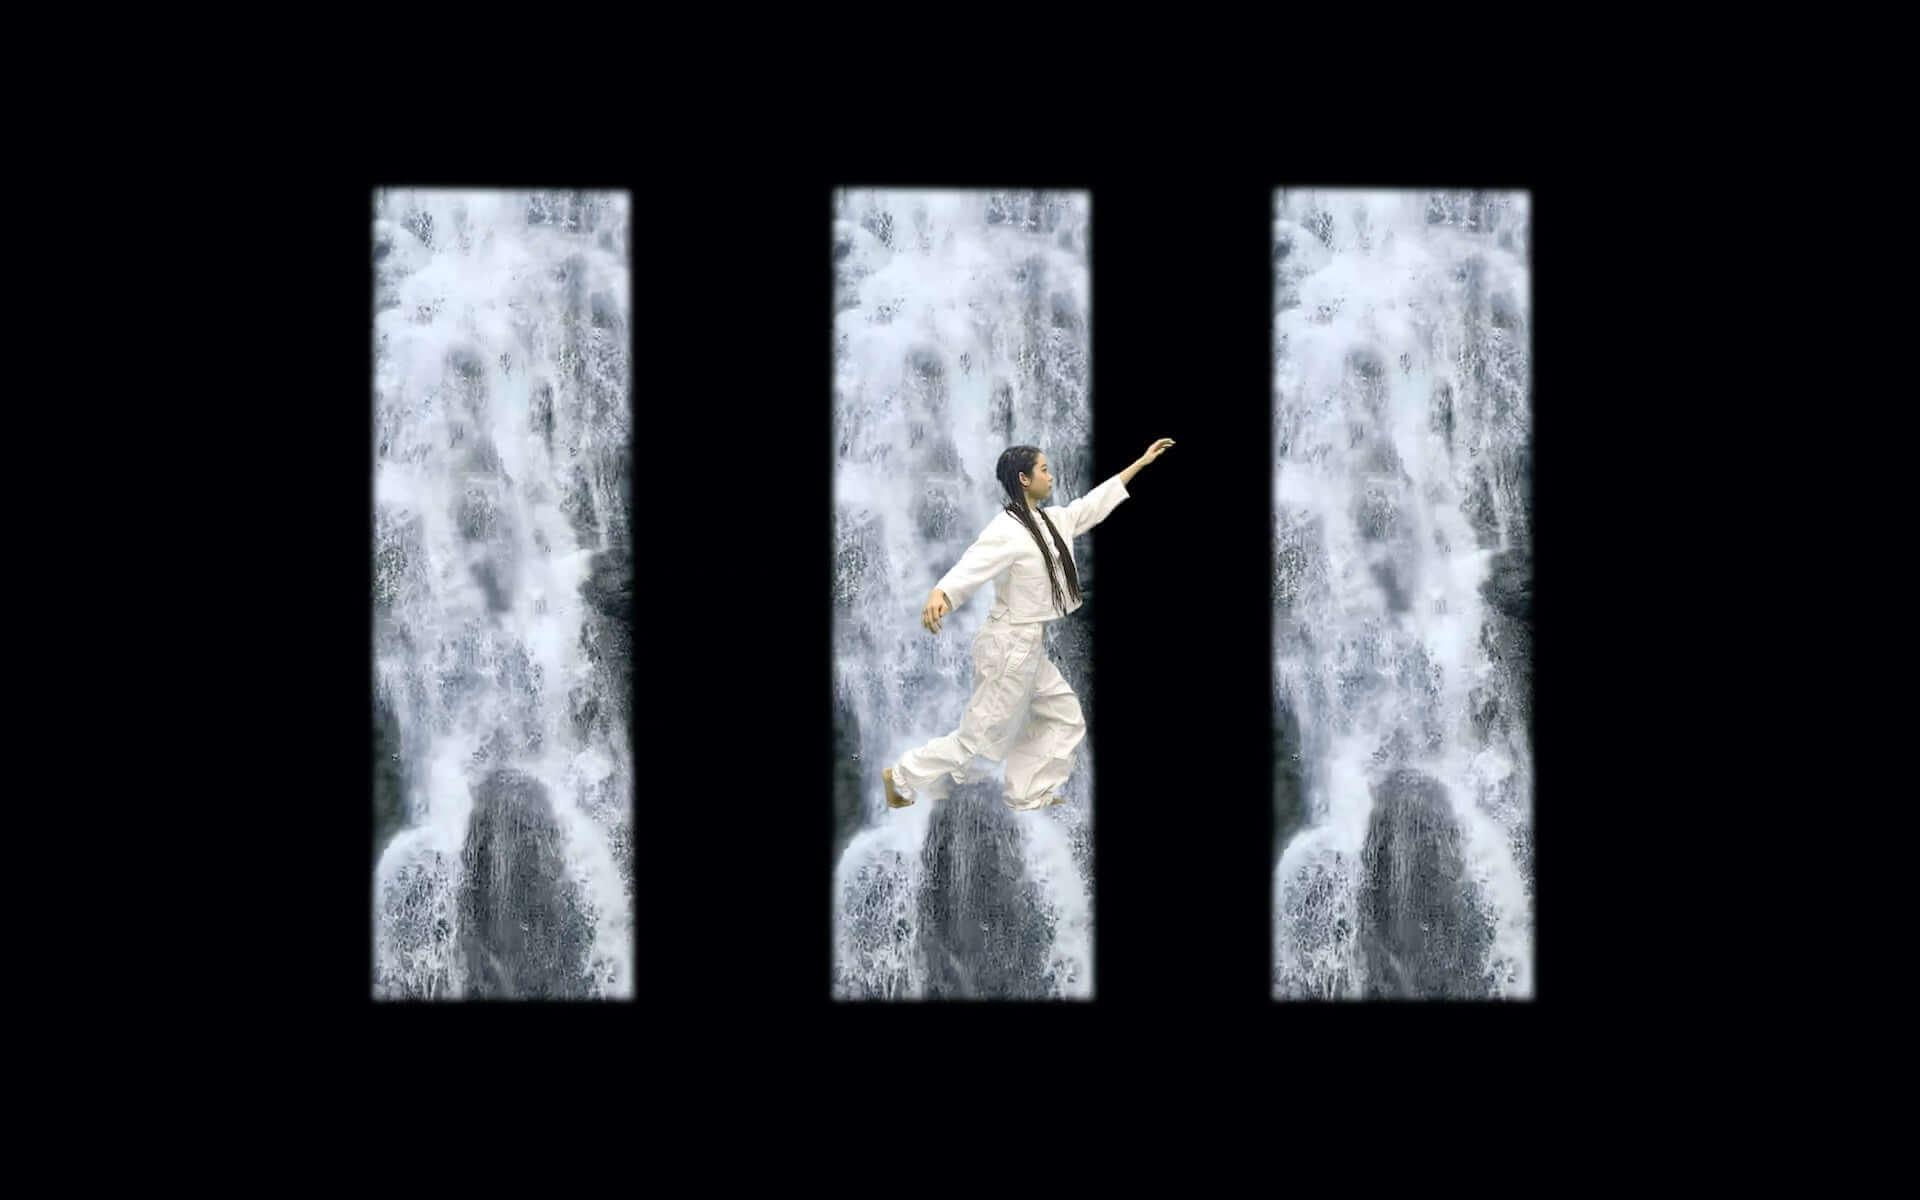 白Tへの情熱をラップで綴る!?xiangyuがGQOMサウンドの新曲「秒でピック白」を本日デジタルリリース&孔雀倶楽部によるMV解禁 music200228_xiangyu_2-1920x1200